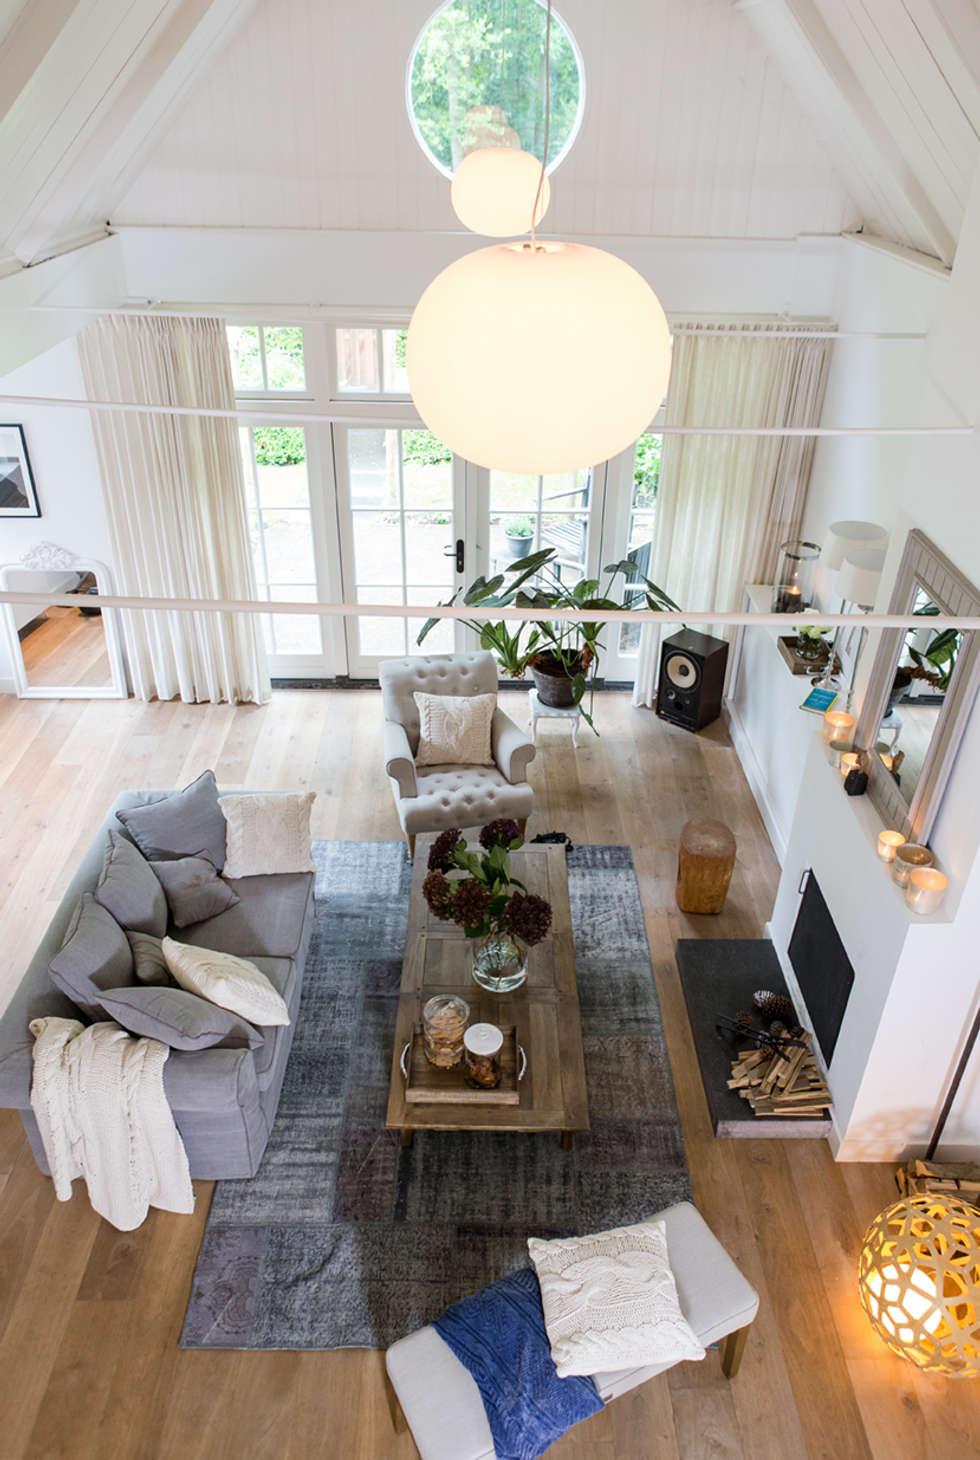 Landhausstil Wohnzimmer Bilder: Riviera Maison Wohnzimmer komplett ...